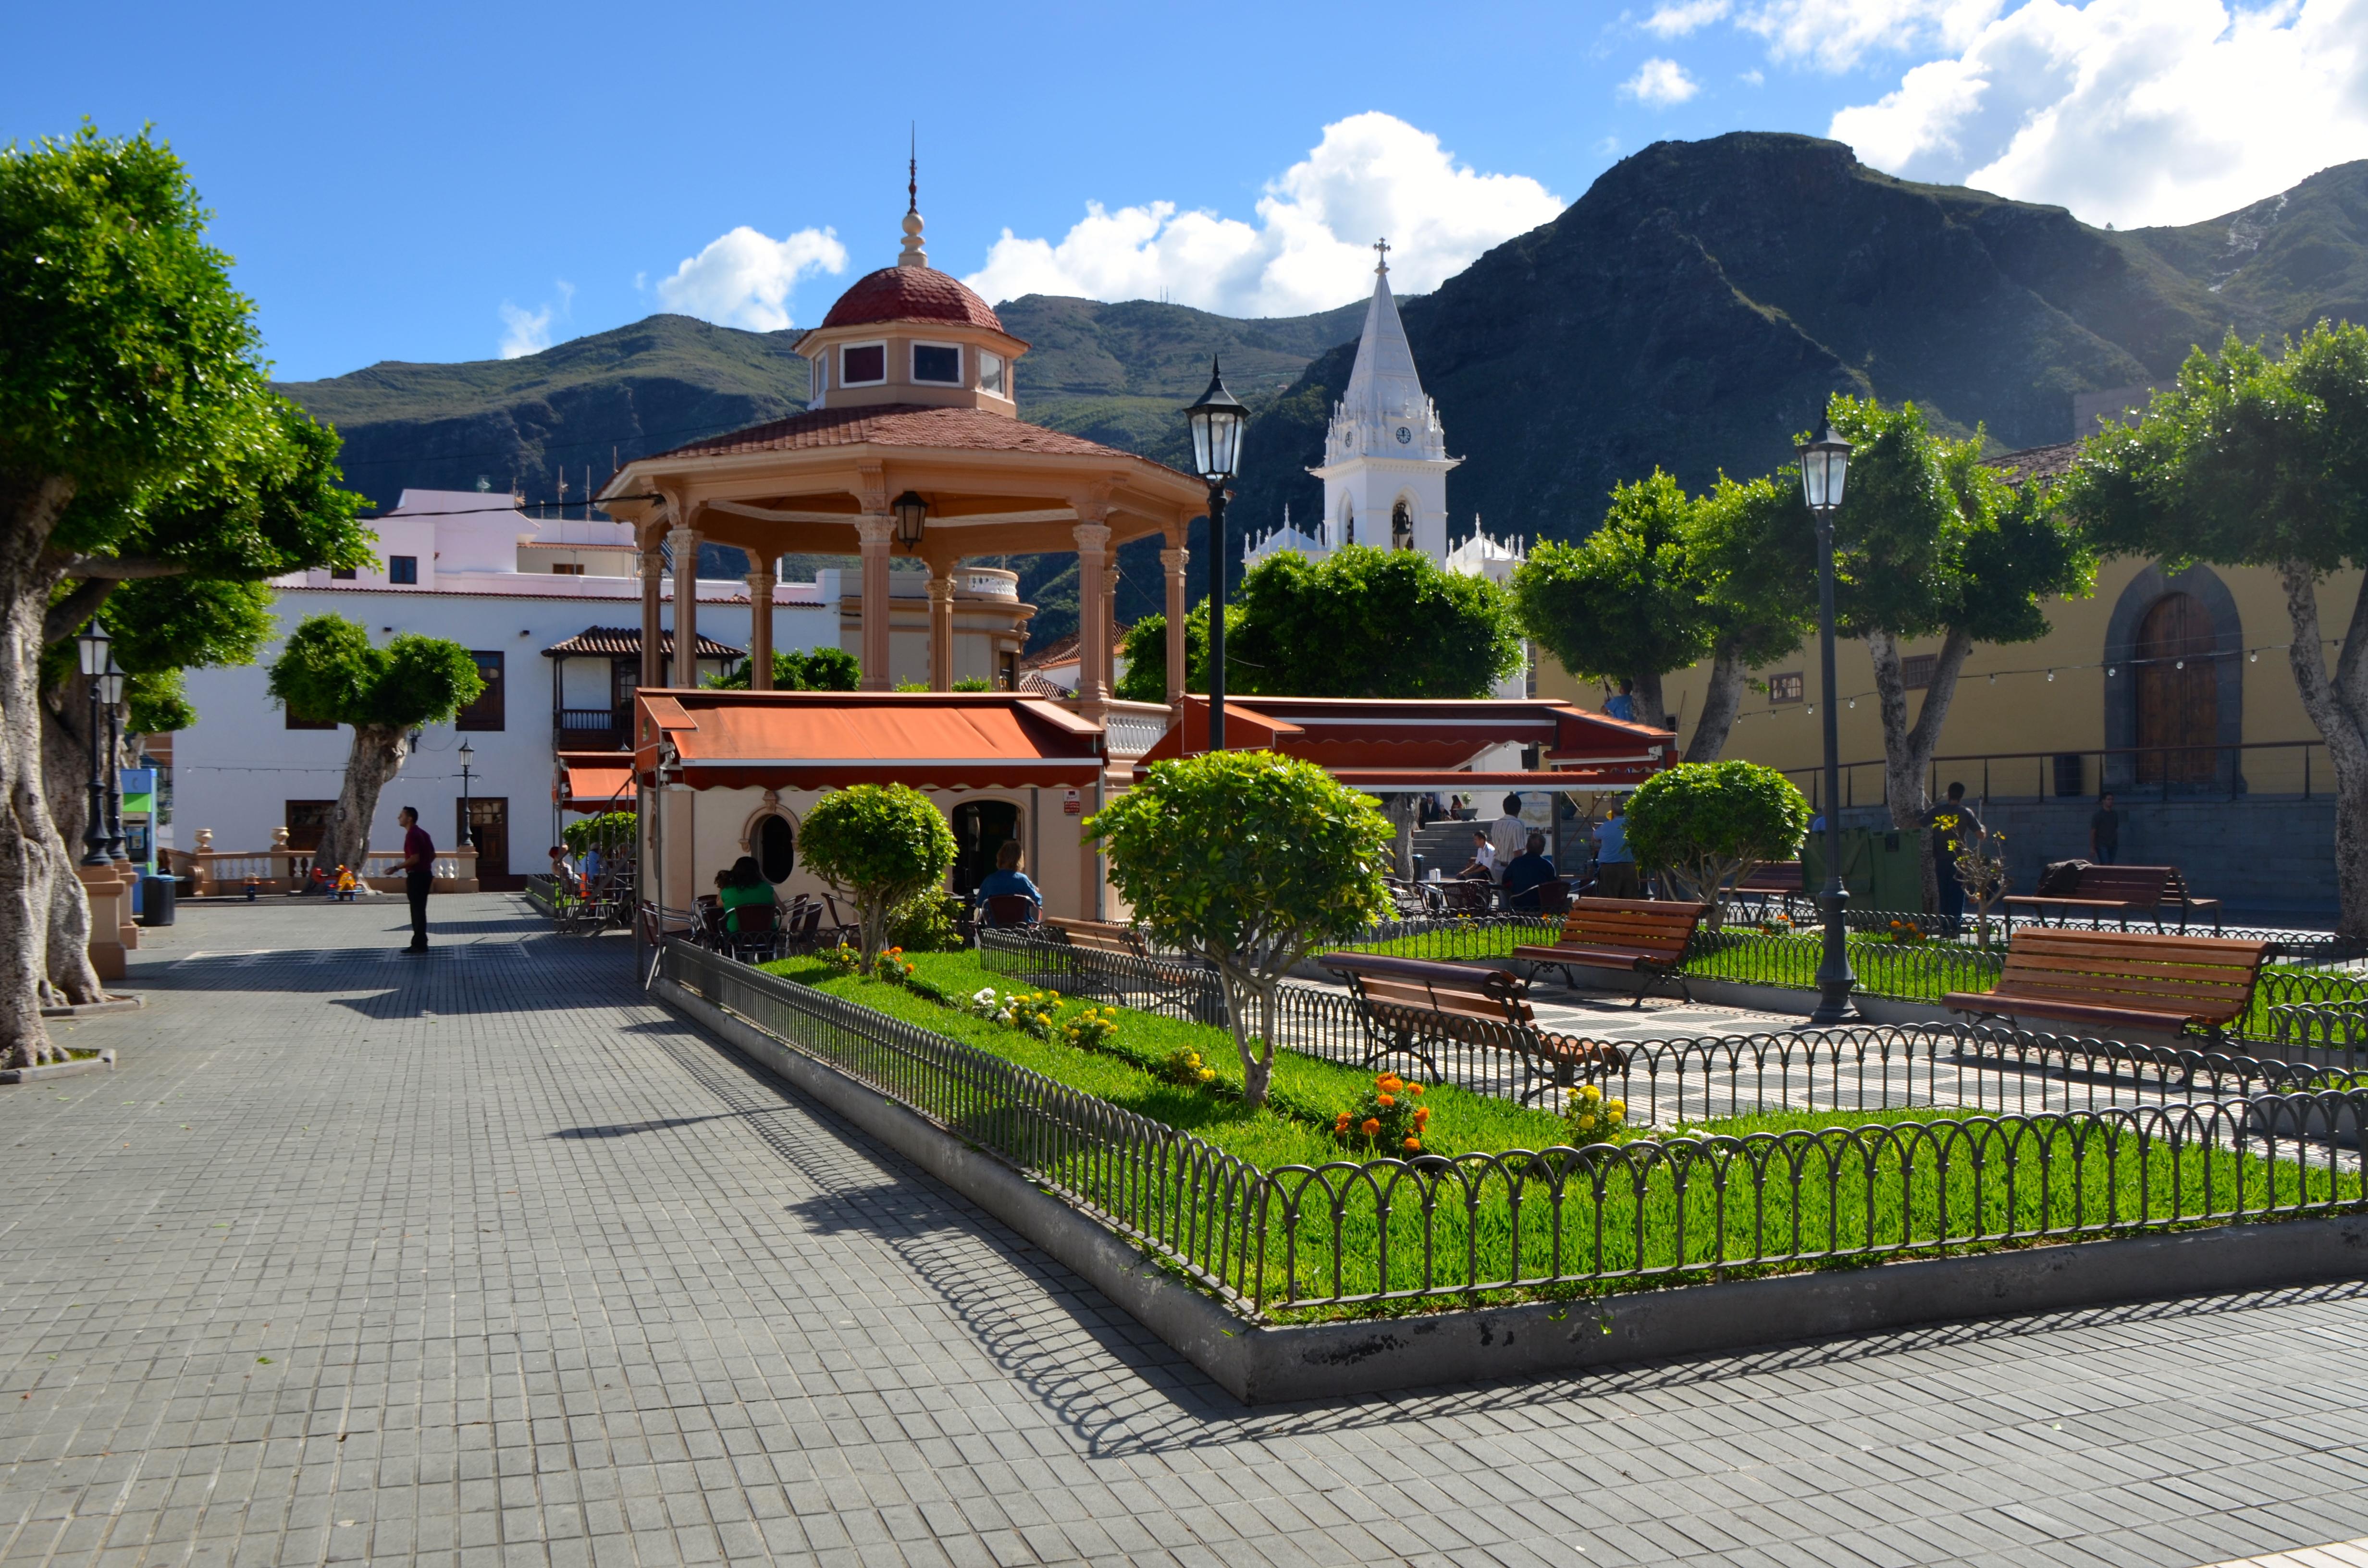 CENTRO MUNICIPAL DE LOS SILOS Y CENTRO DE VISITANTES DE LOS SILOS